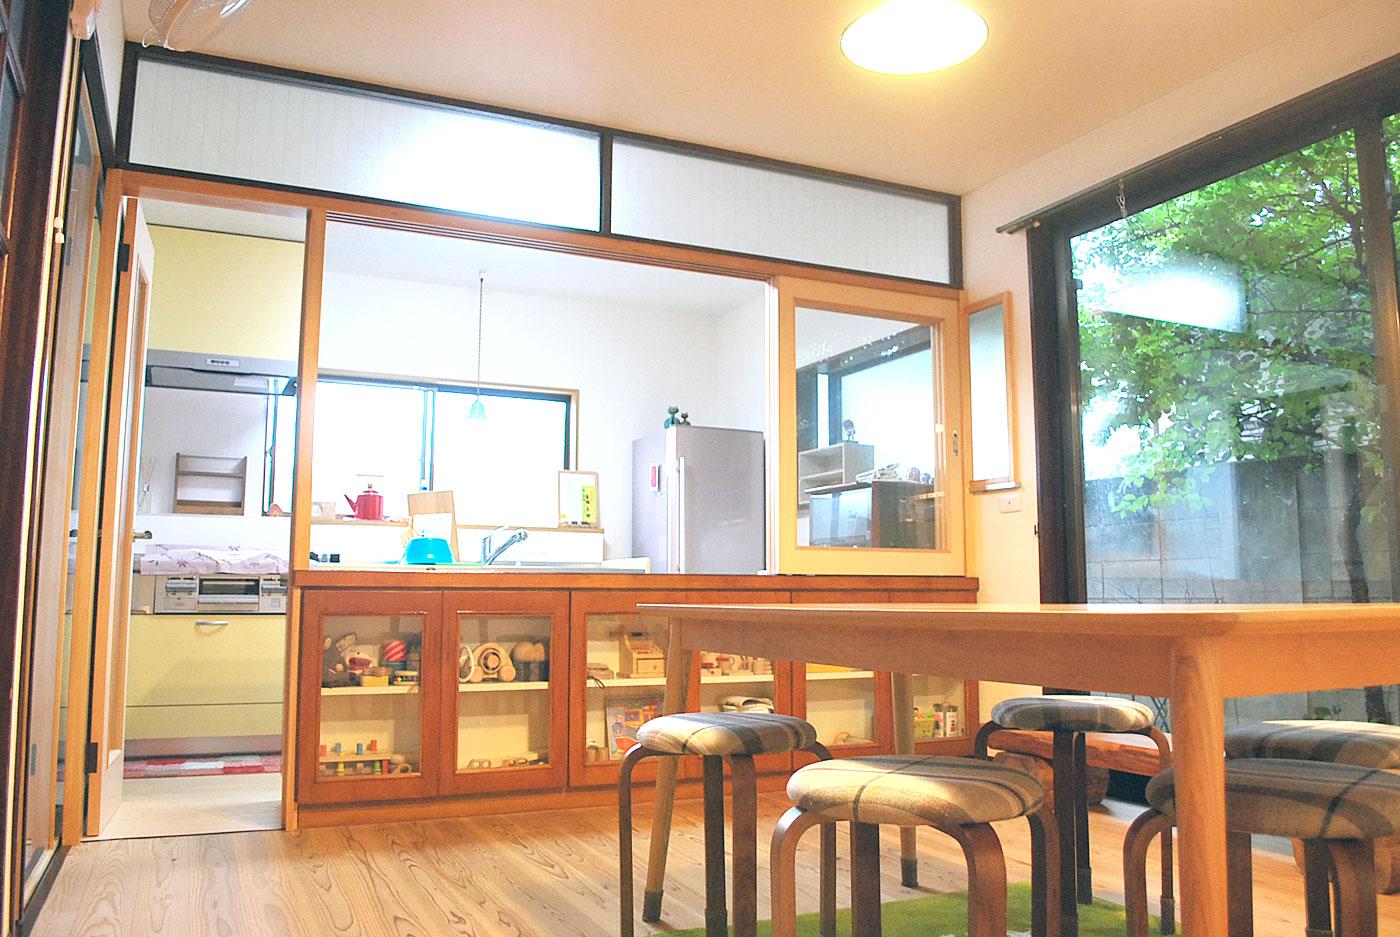 かばんねこレンタルスペース&キッチン「カミツレ」